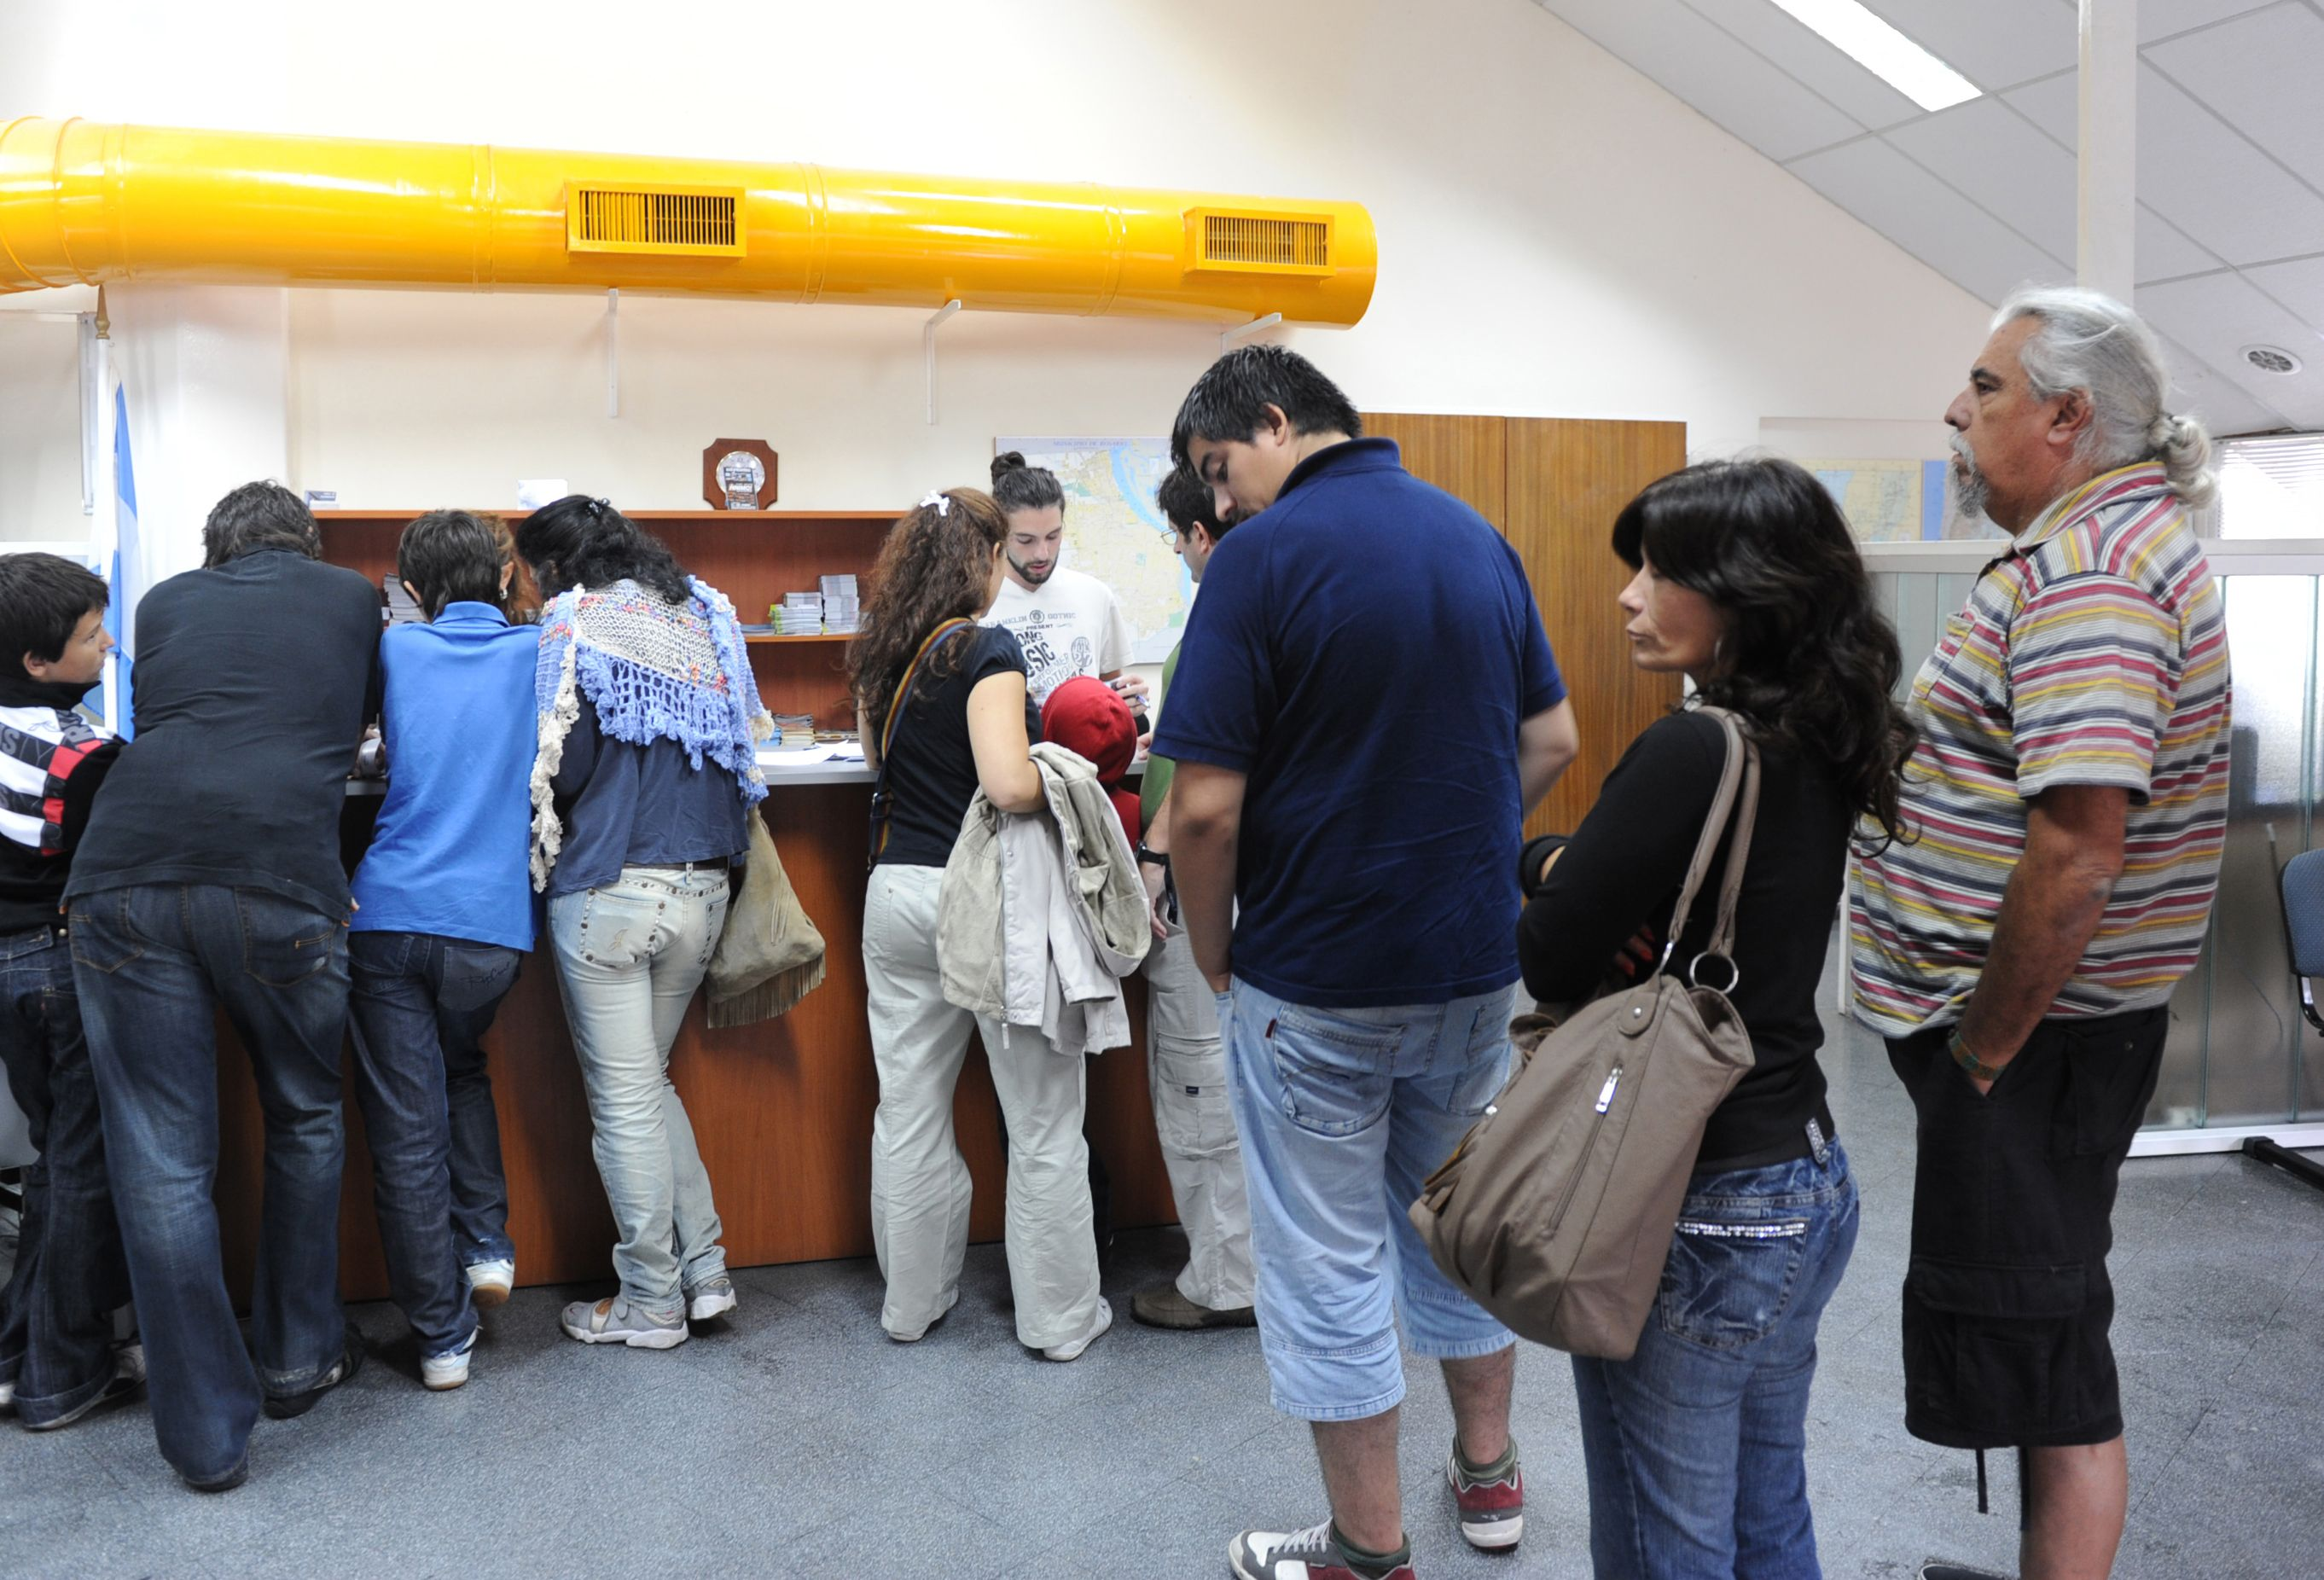 Los turistas se quejan de que Rosario no está preparada para recibirlos